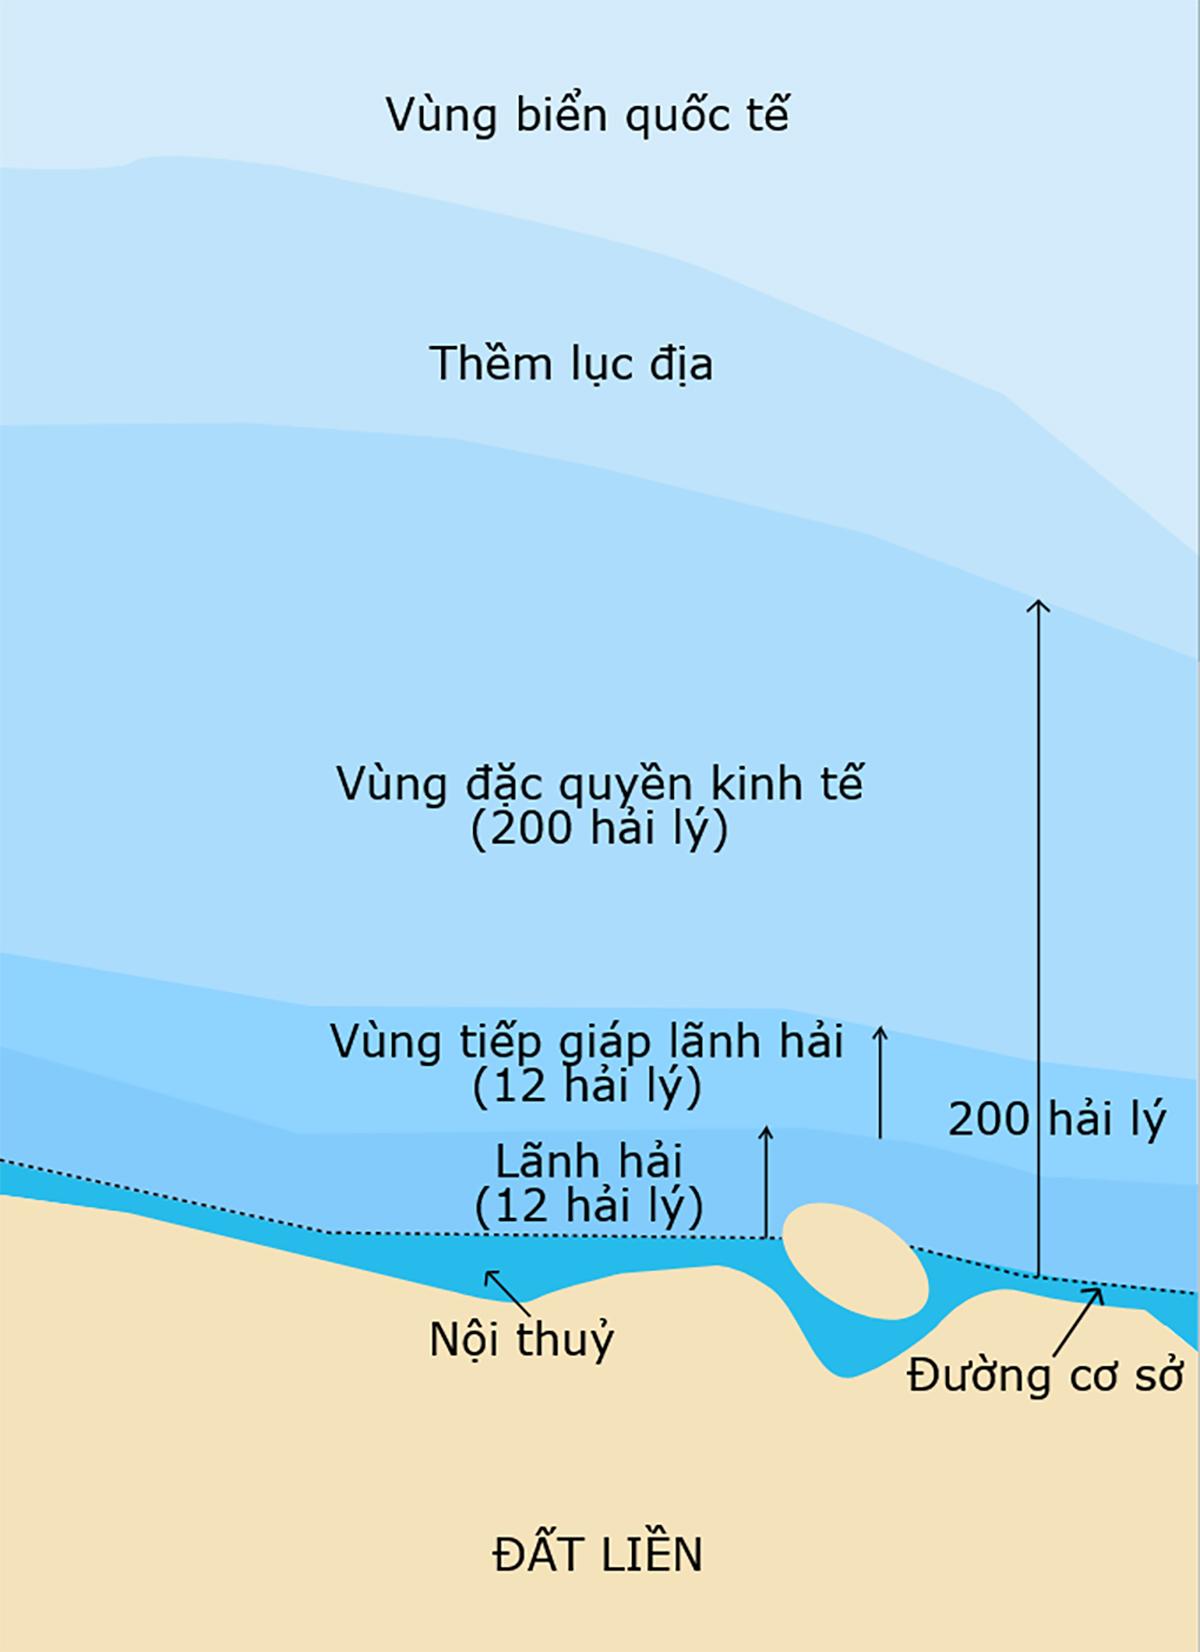 Các vùng nội thủy, lãnh hải, đặc quyền kinh tế và vùng biển quốc tế theo quy định của UNCLOS 1982. Đồ họa: Wikimedia.